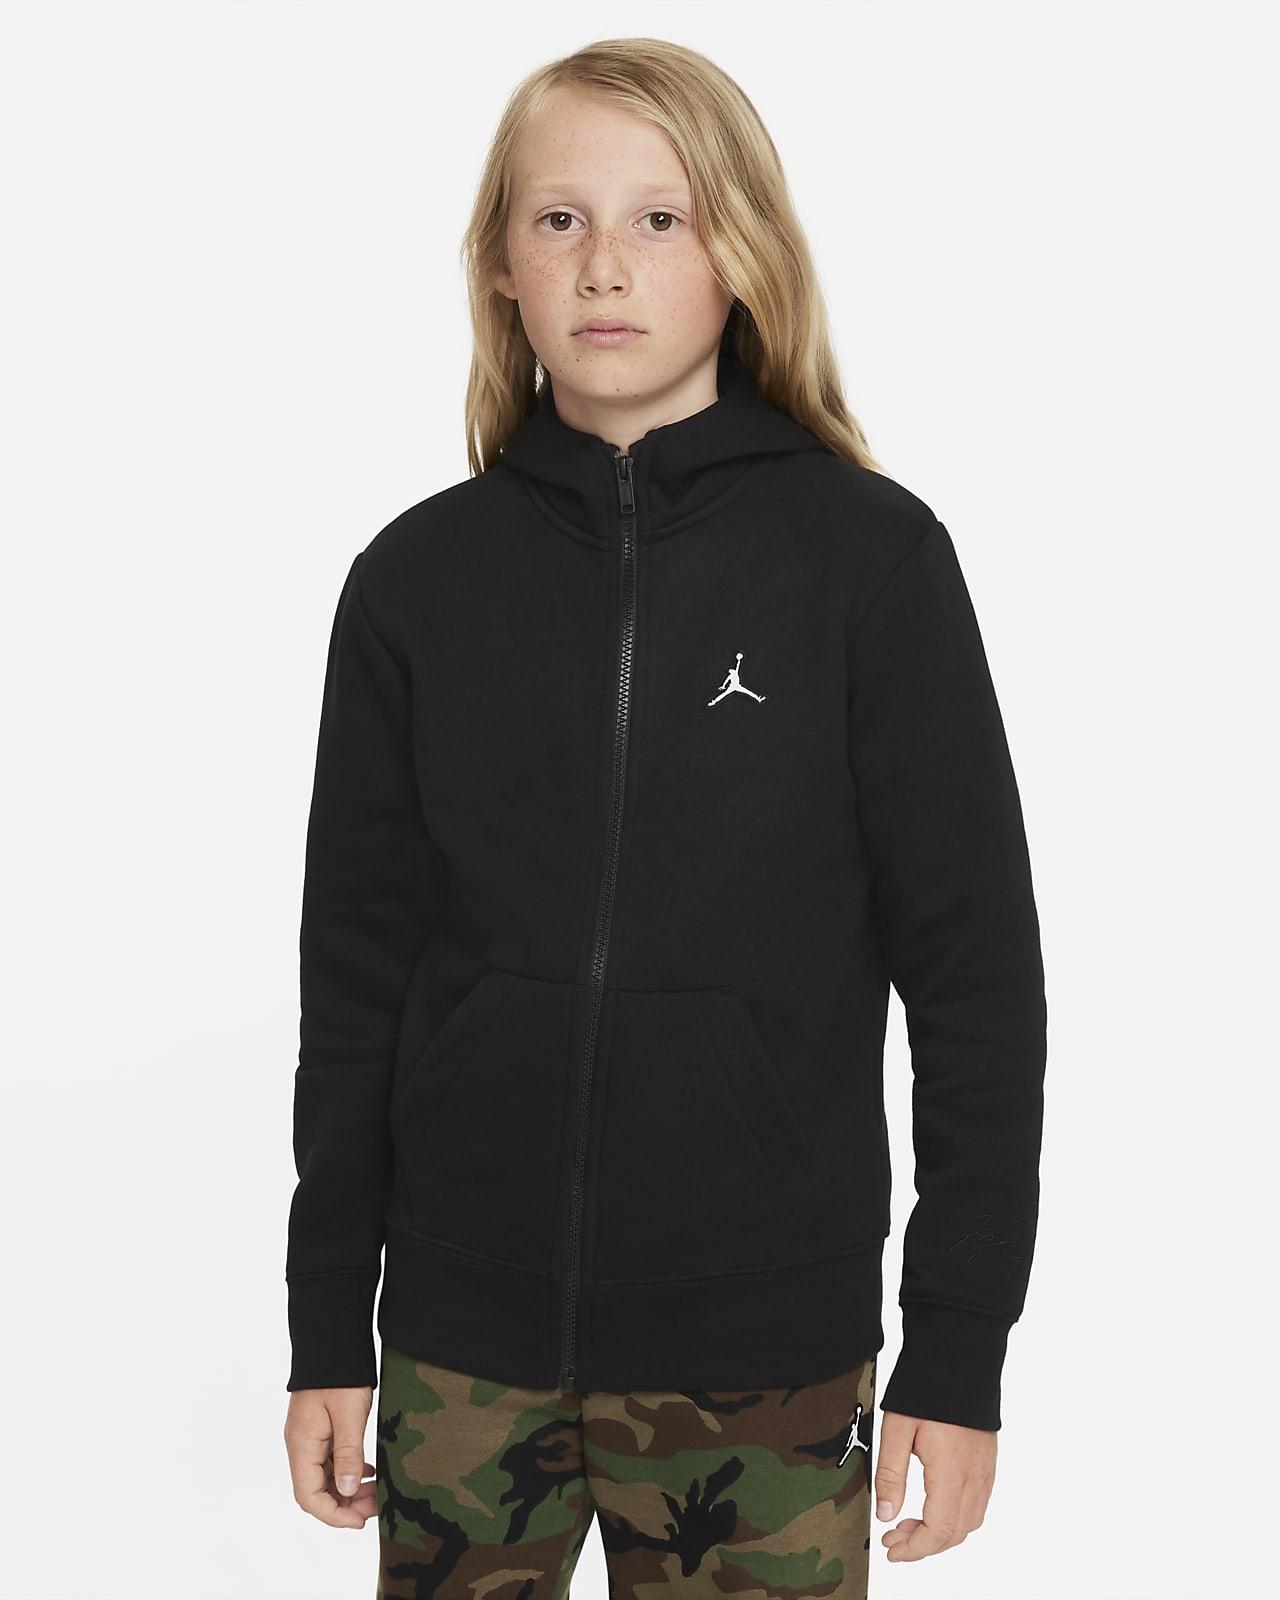 Sudadera con capucha de cierre completo para niño talla grande Jordan